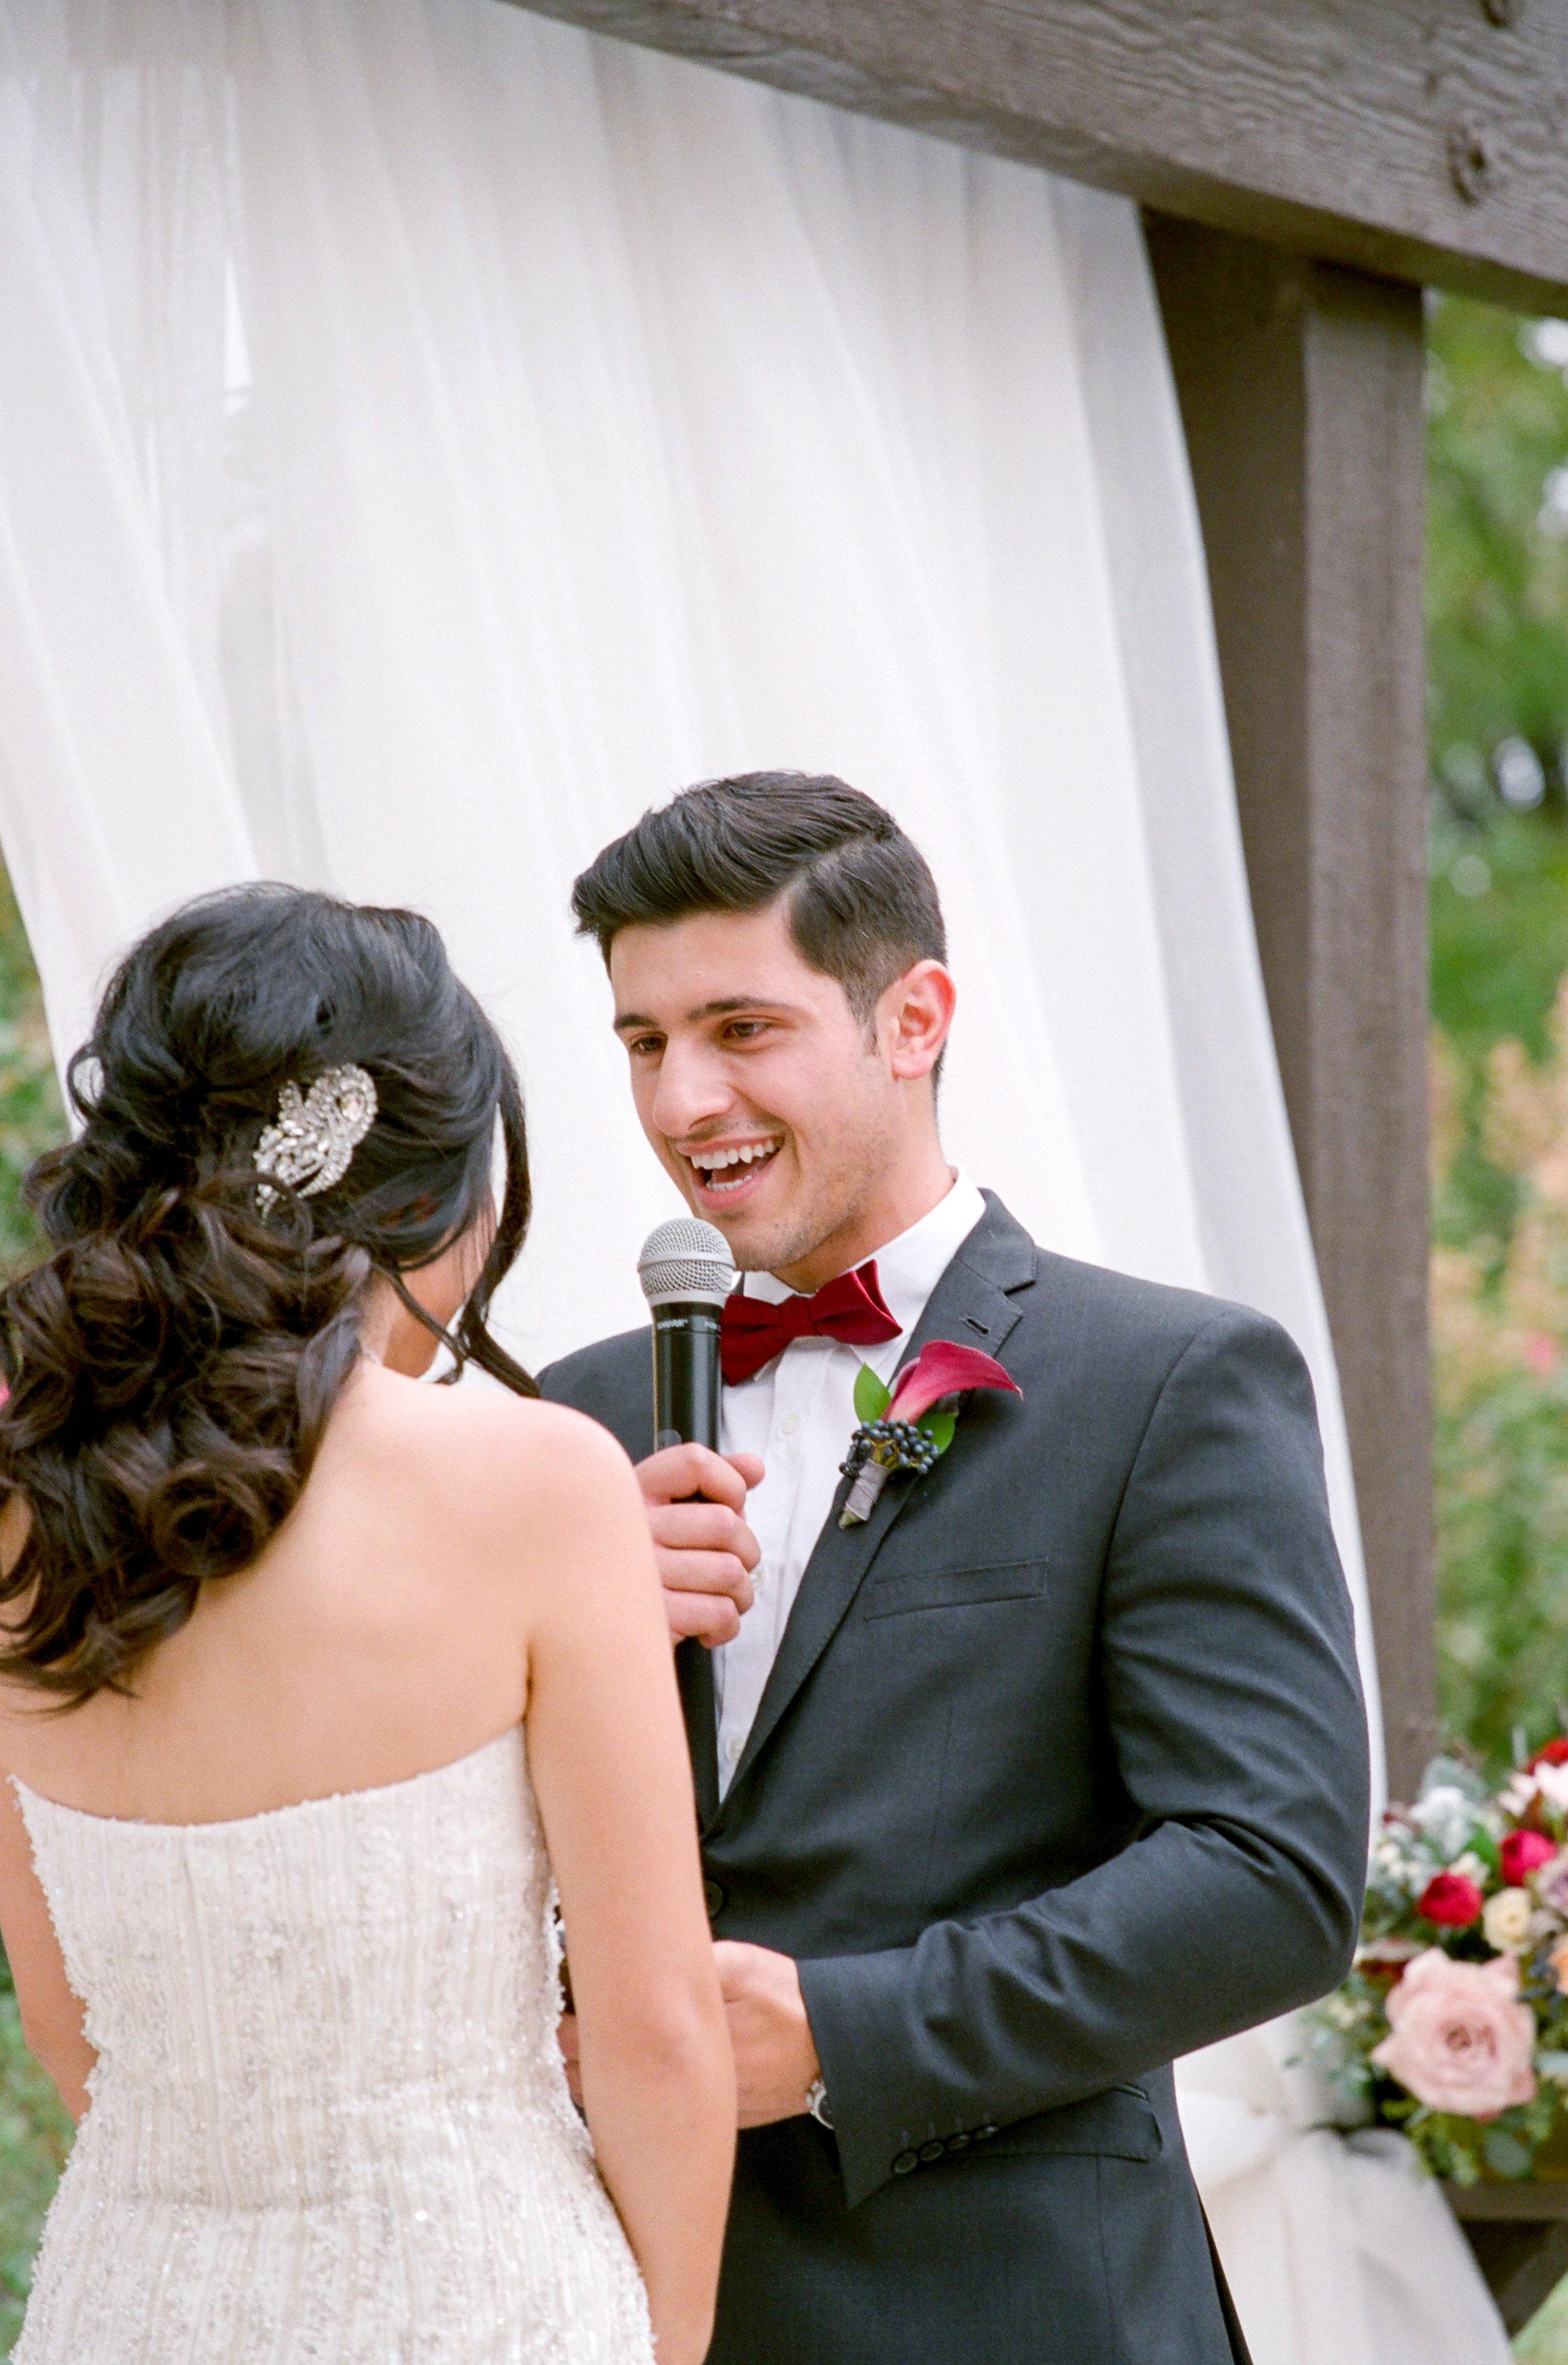 Amador_County_Wedding_Bride_Groom_Ceremony_Vows_Rancho_Victoria_Vineyard_Northern_California.jpg